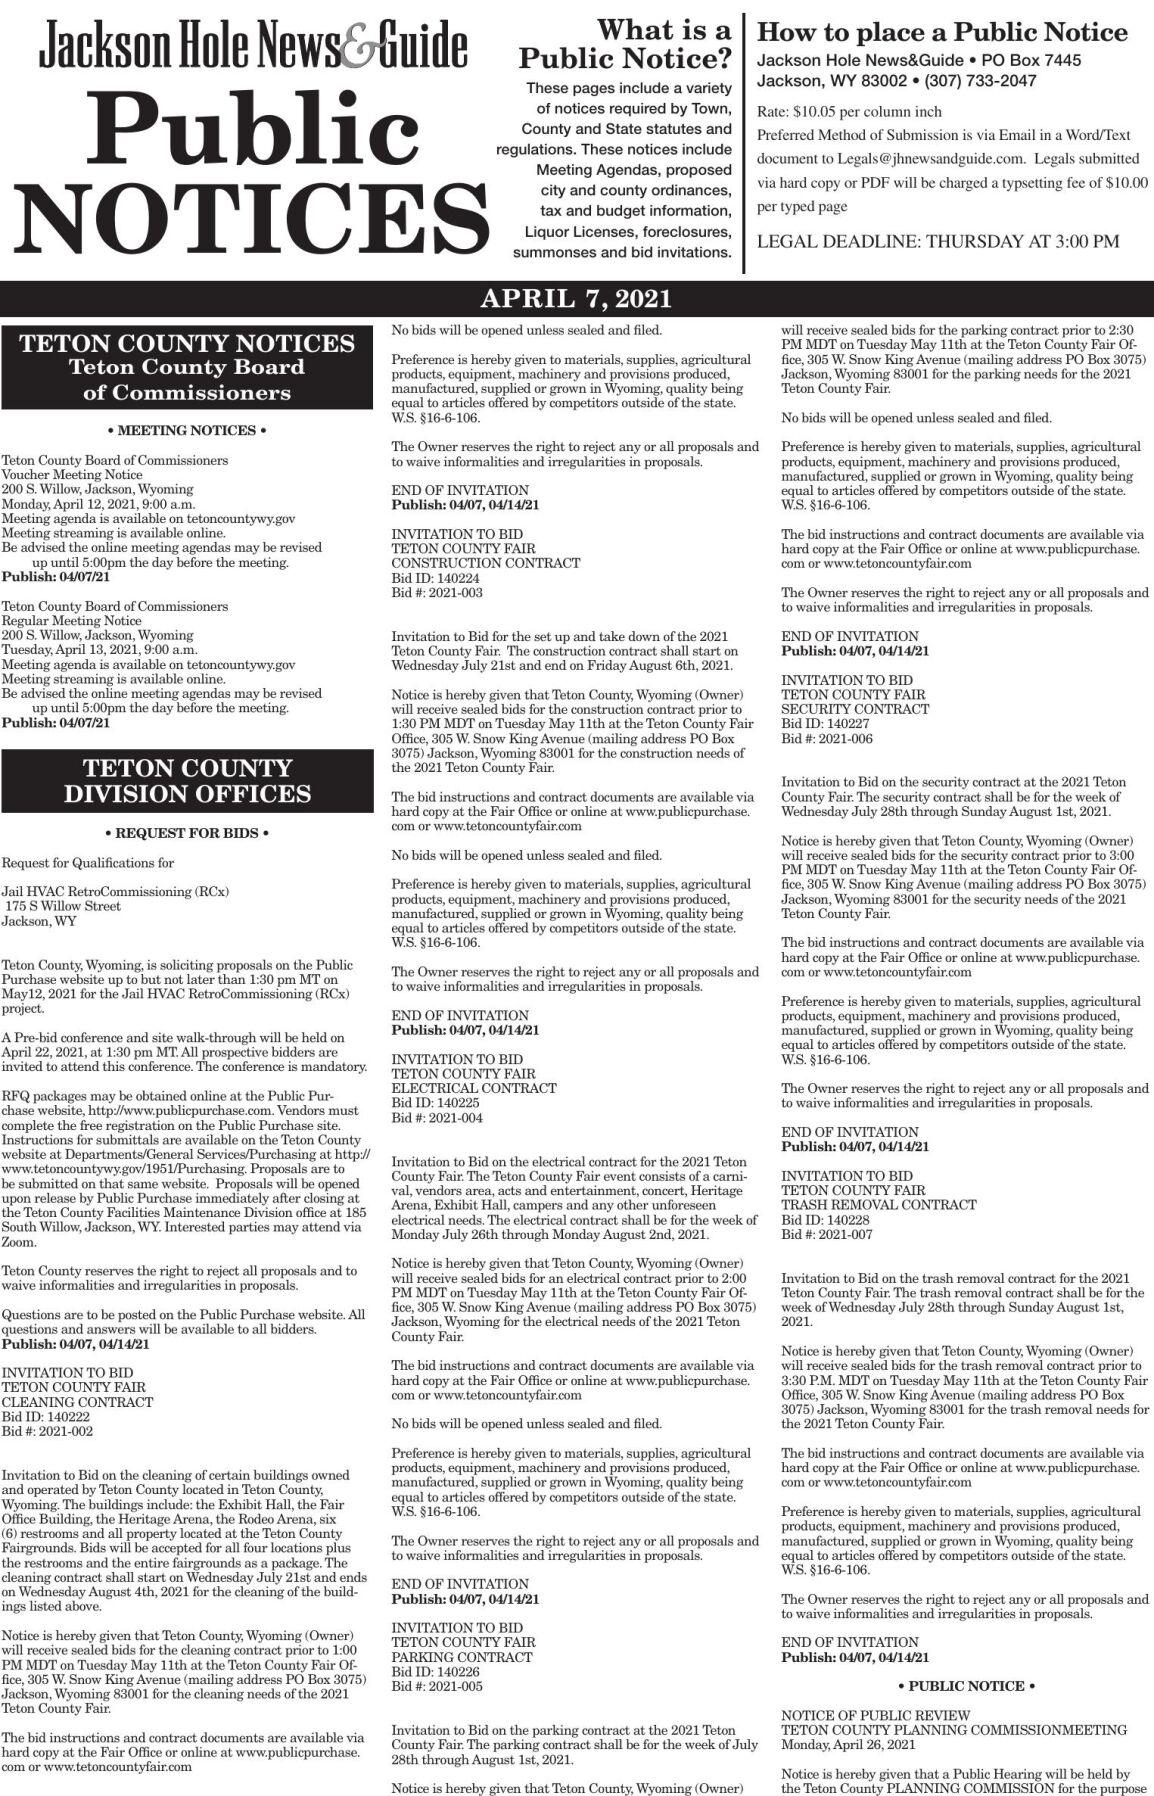 Public Notices, April 7, 2021